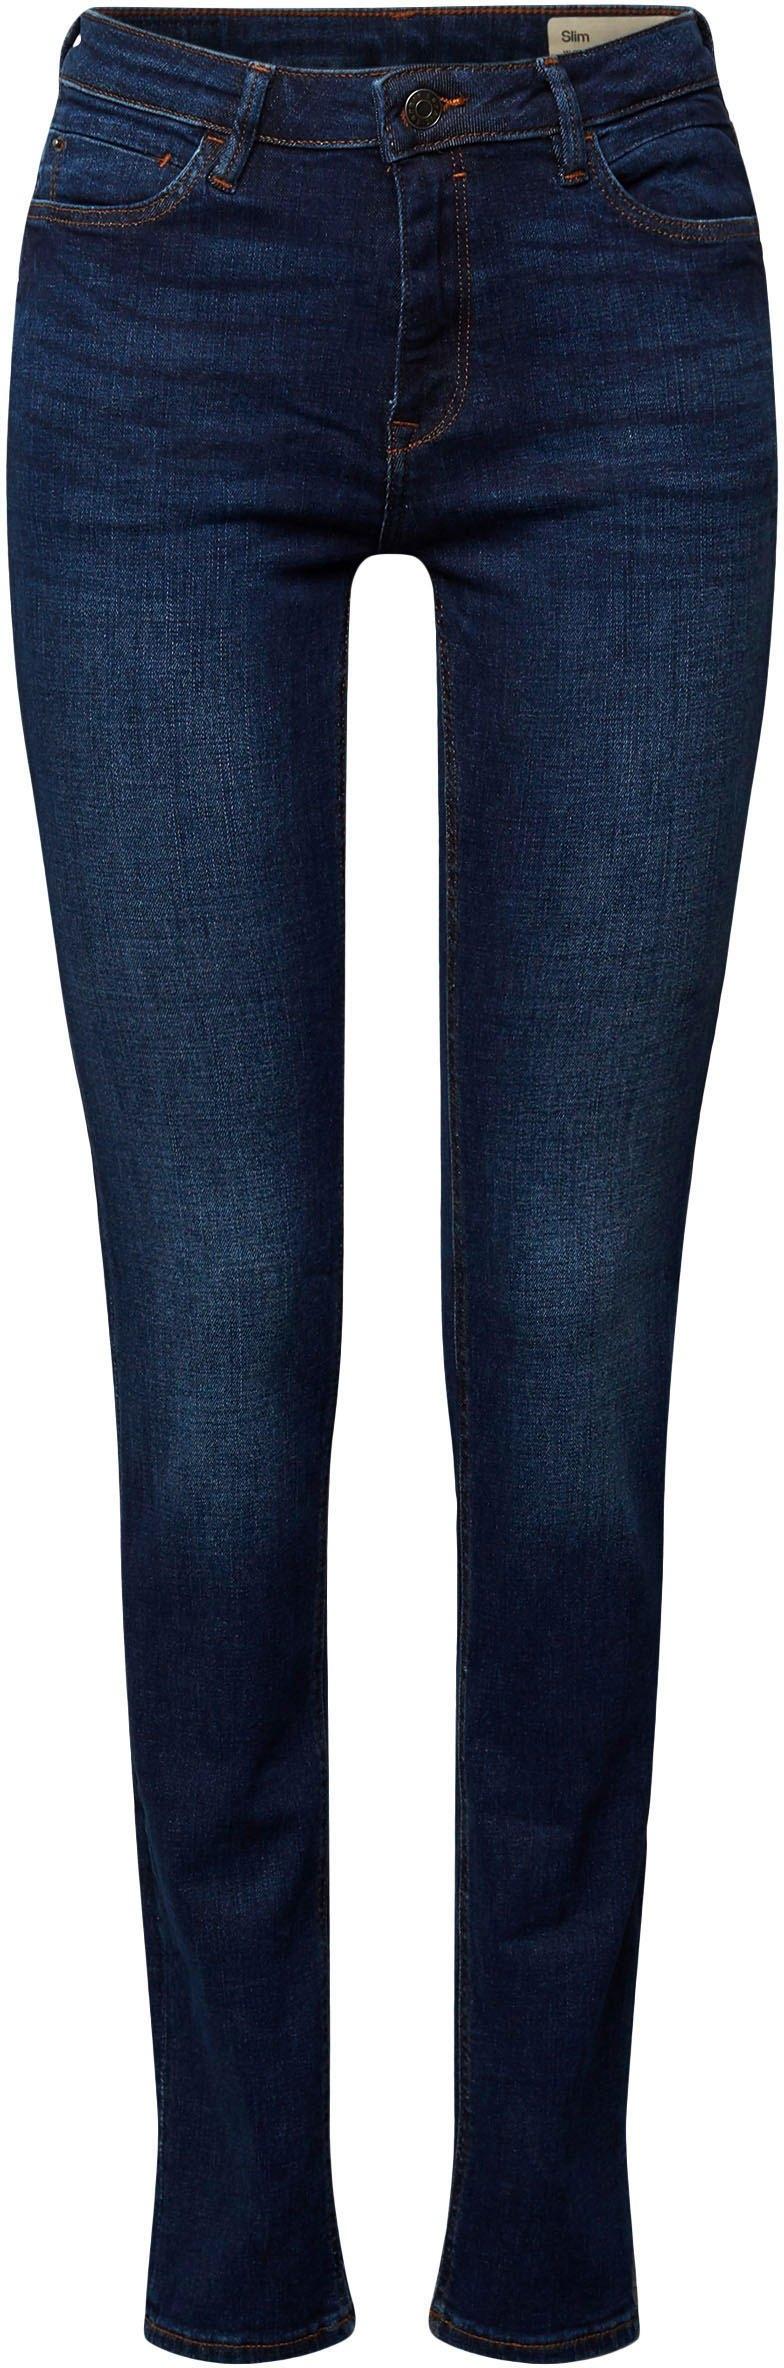 Esprit slim fit jeans bestellen: 30 dagen bedenktijd